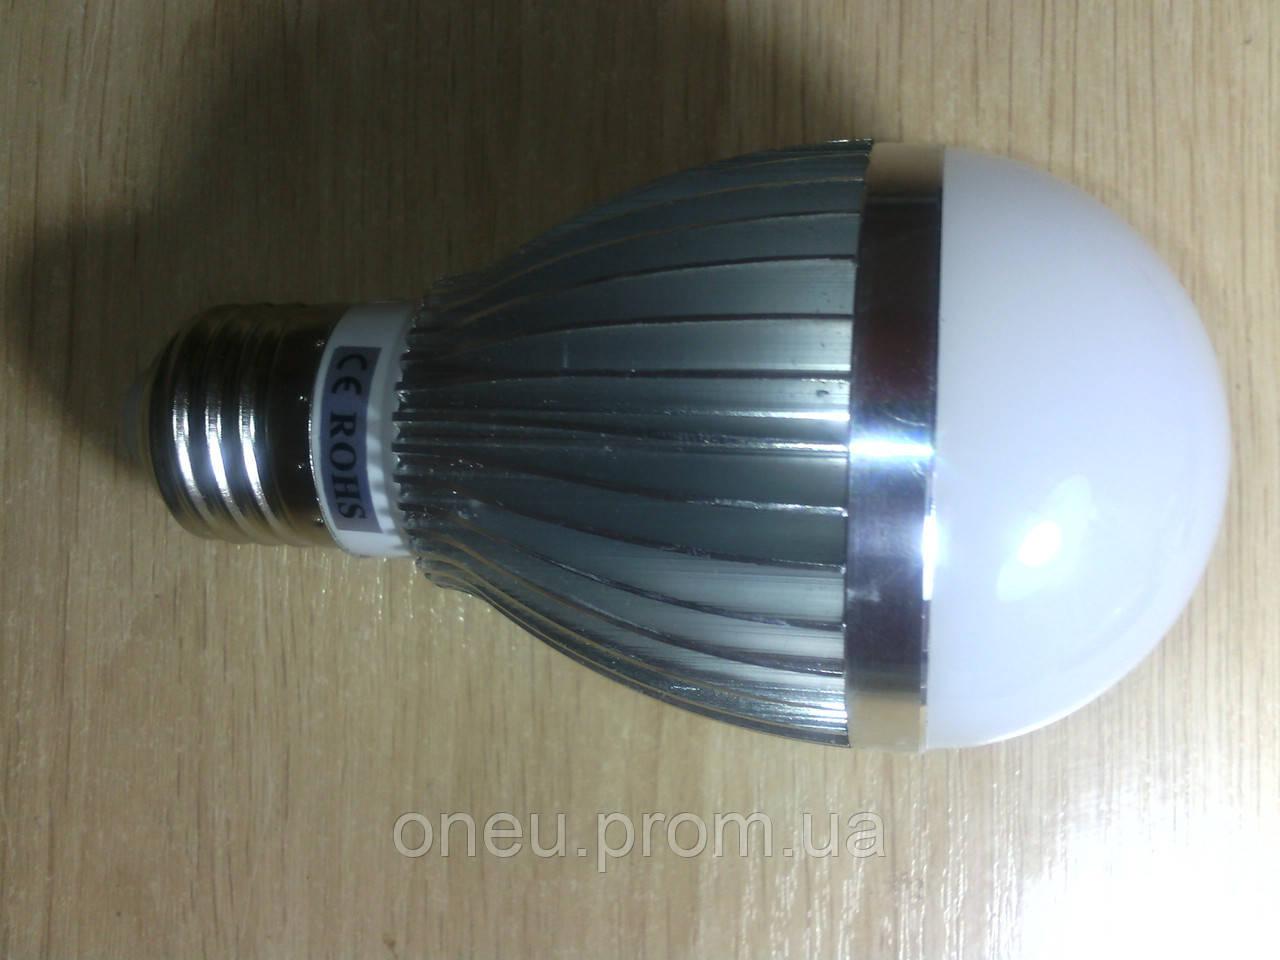 Светодиодные лампы 15w, алюминиевый корпус радиатор - o_neu в Одесской области